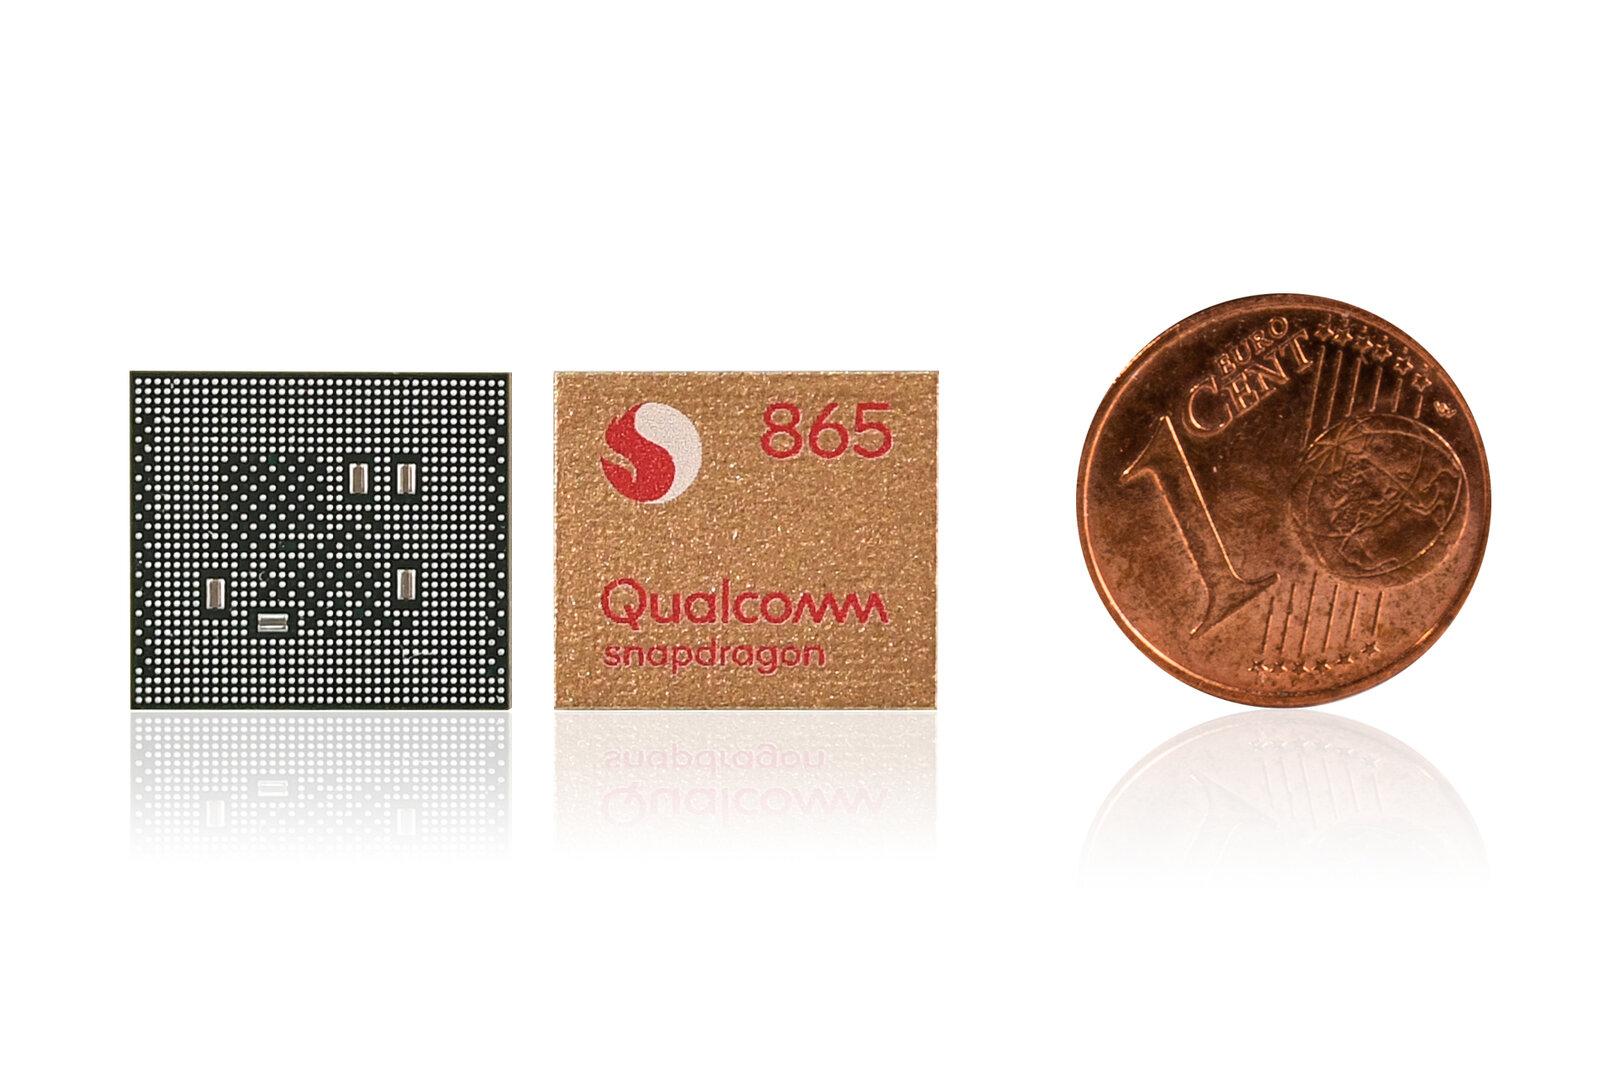 Snapdragon 865 im Vergleich zur 1-Cent-Münze